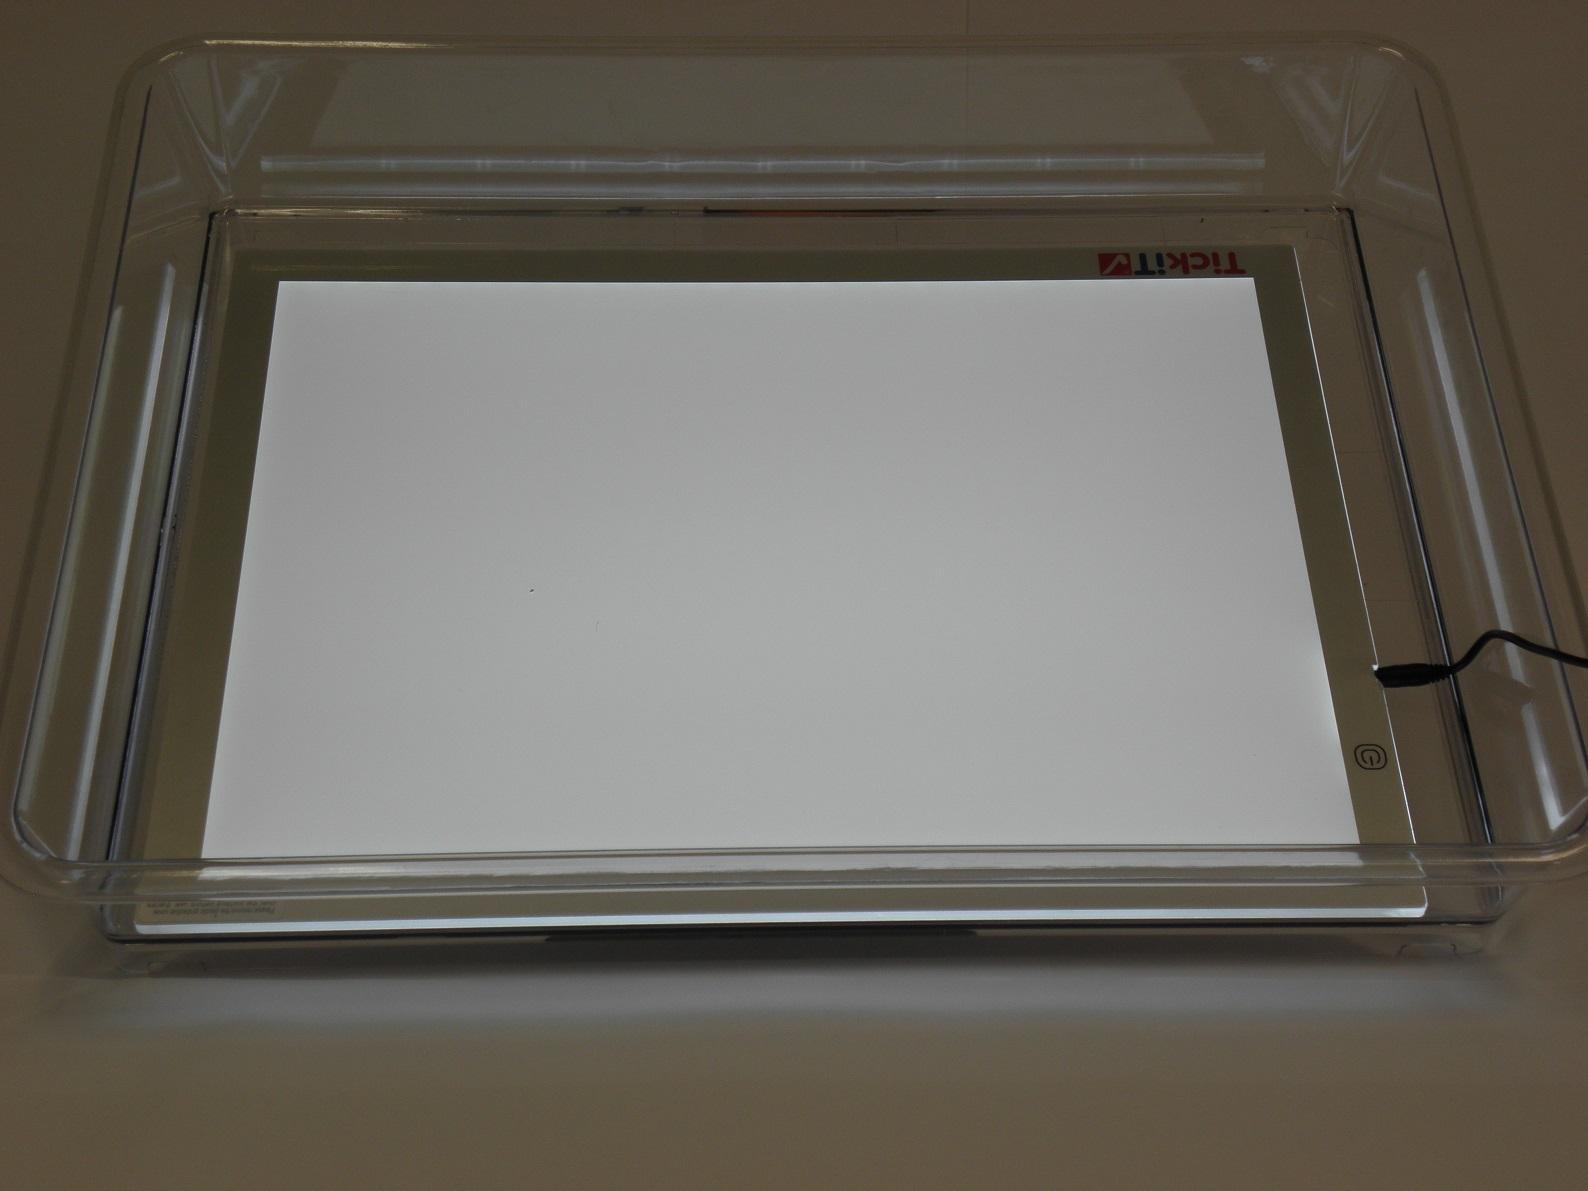 A képen egy peremmel rendelkező műanyag tálca látható, benne egy 220-as áramforráshoz csatlakoztatható, elfektetett sík képernyővel, ami világít.